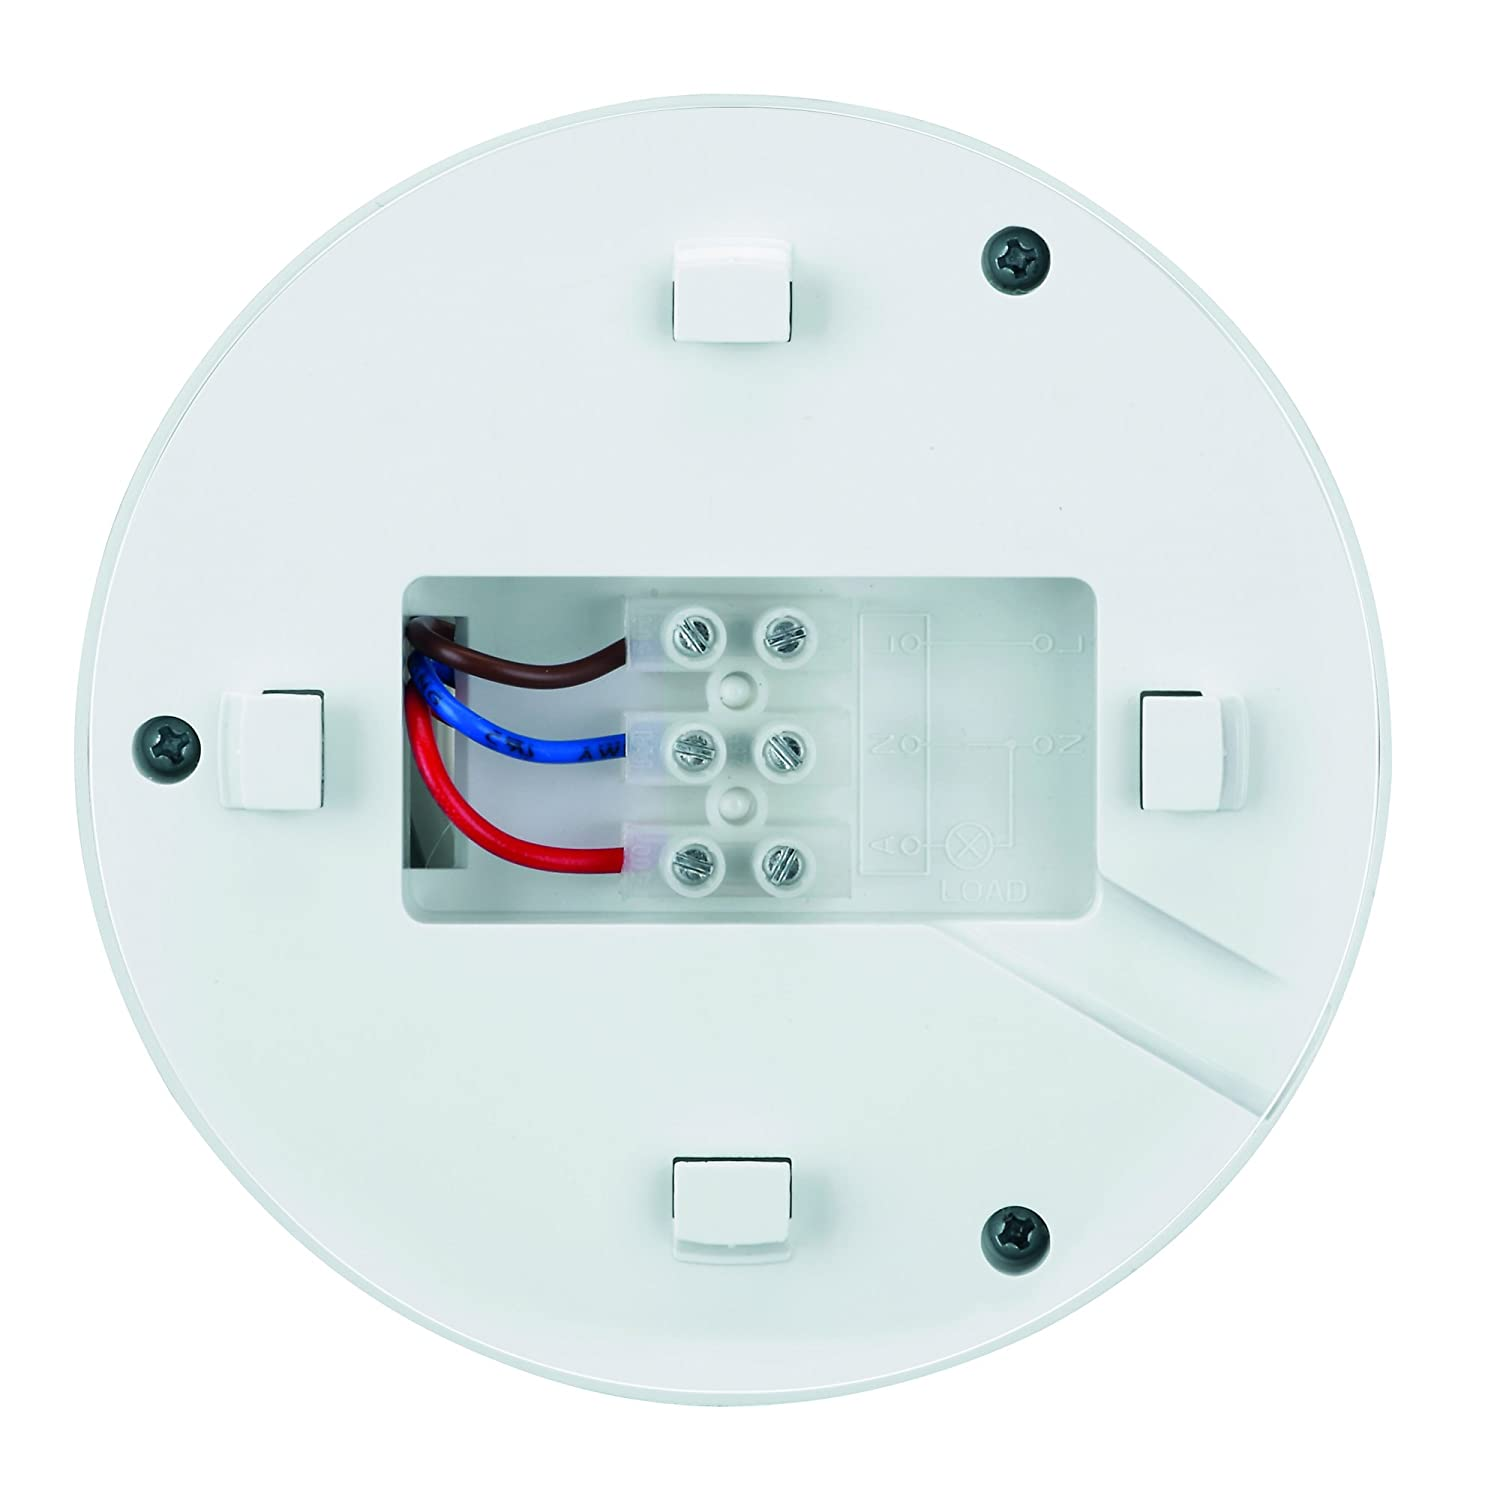 MANAX IMS020 Detector de Movimiento infrarrojo de Techo - Montaje en Interior, Clase de protección: IP20, Campo de Trabajo de 360 ° / 6 m, ...